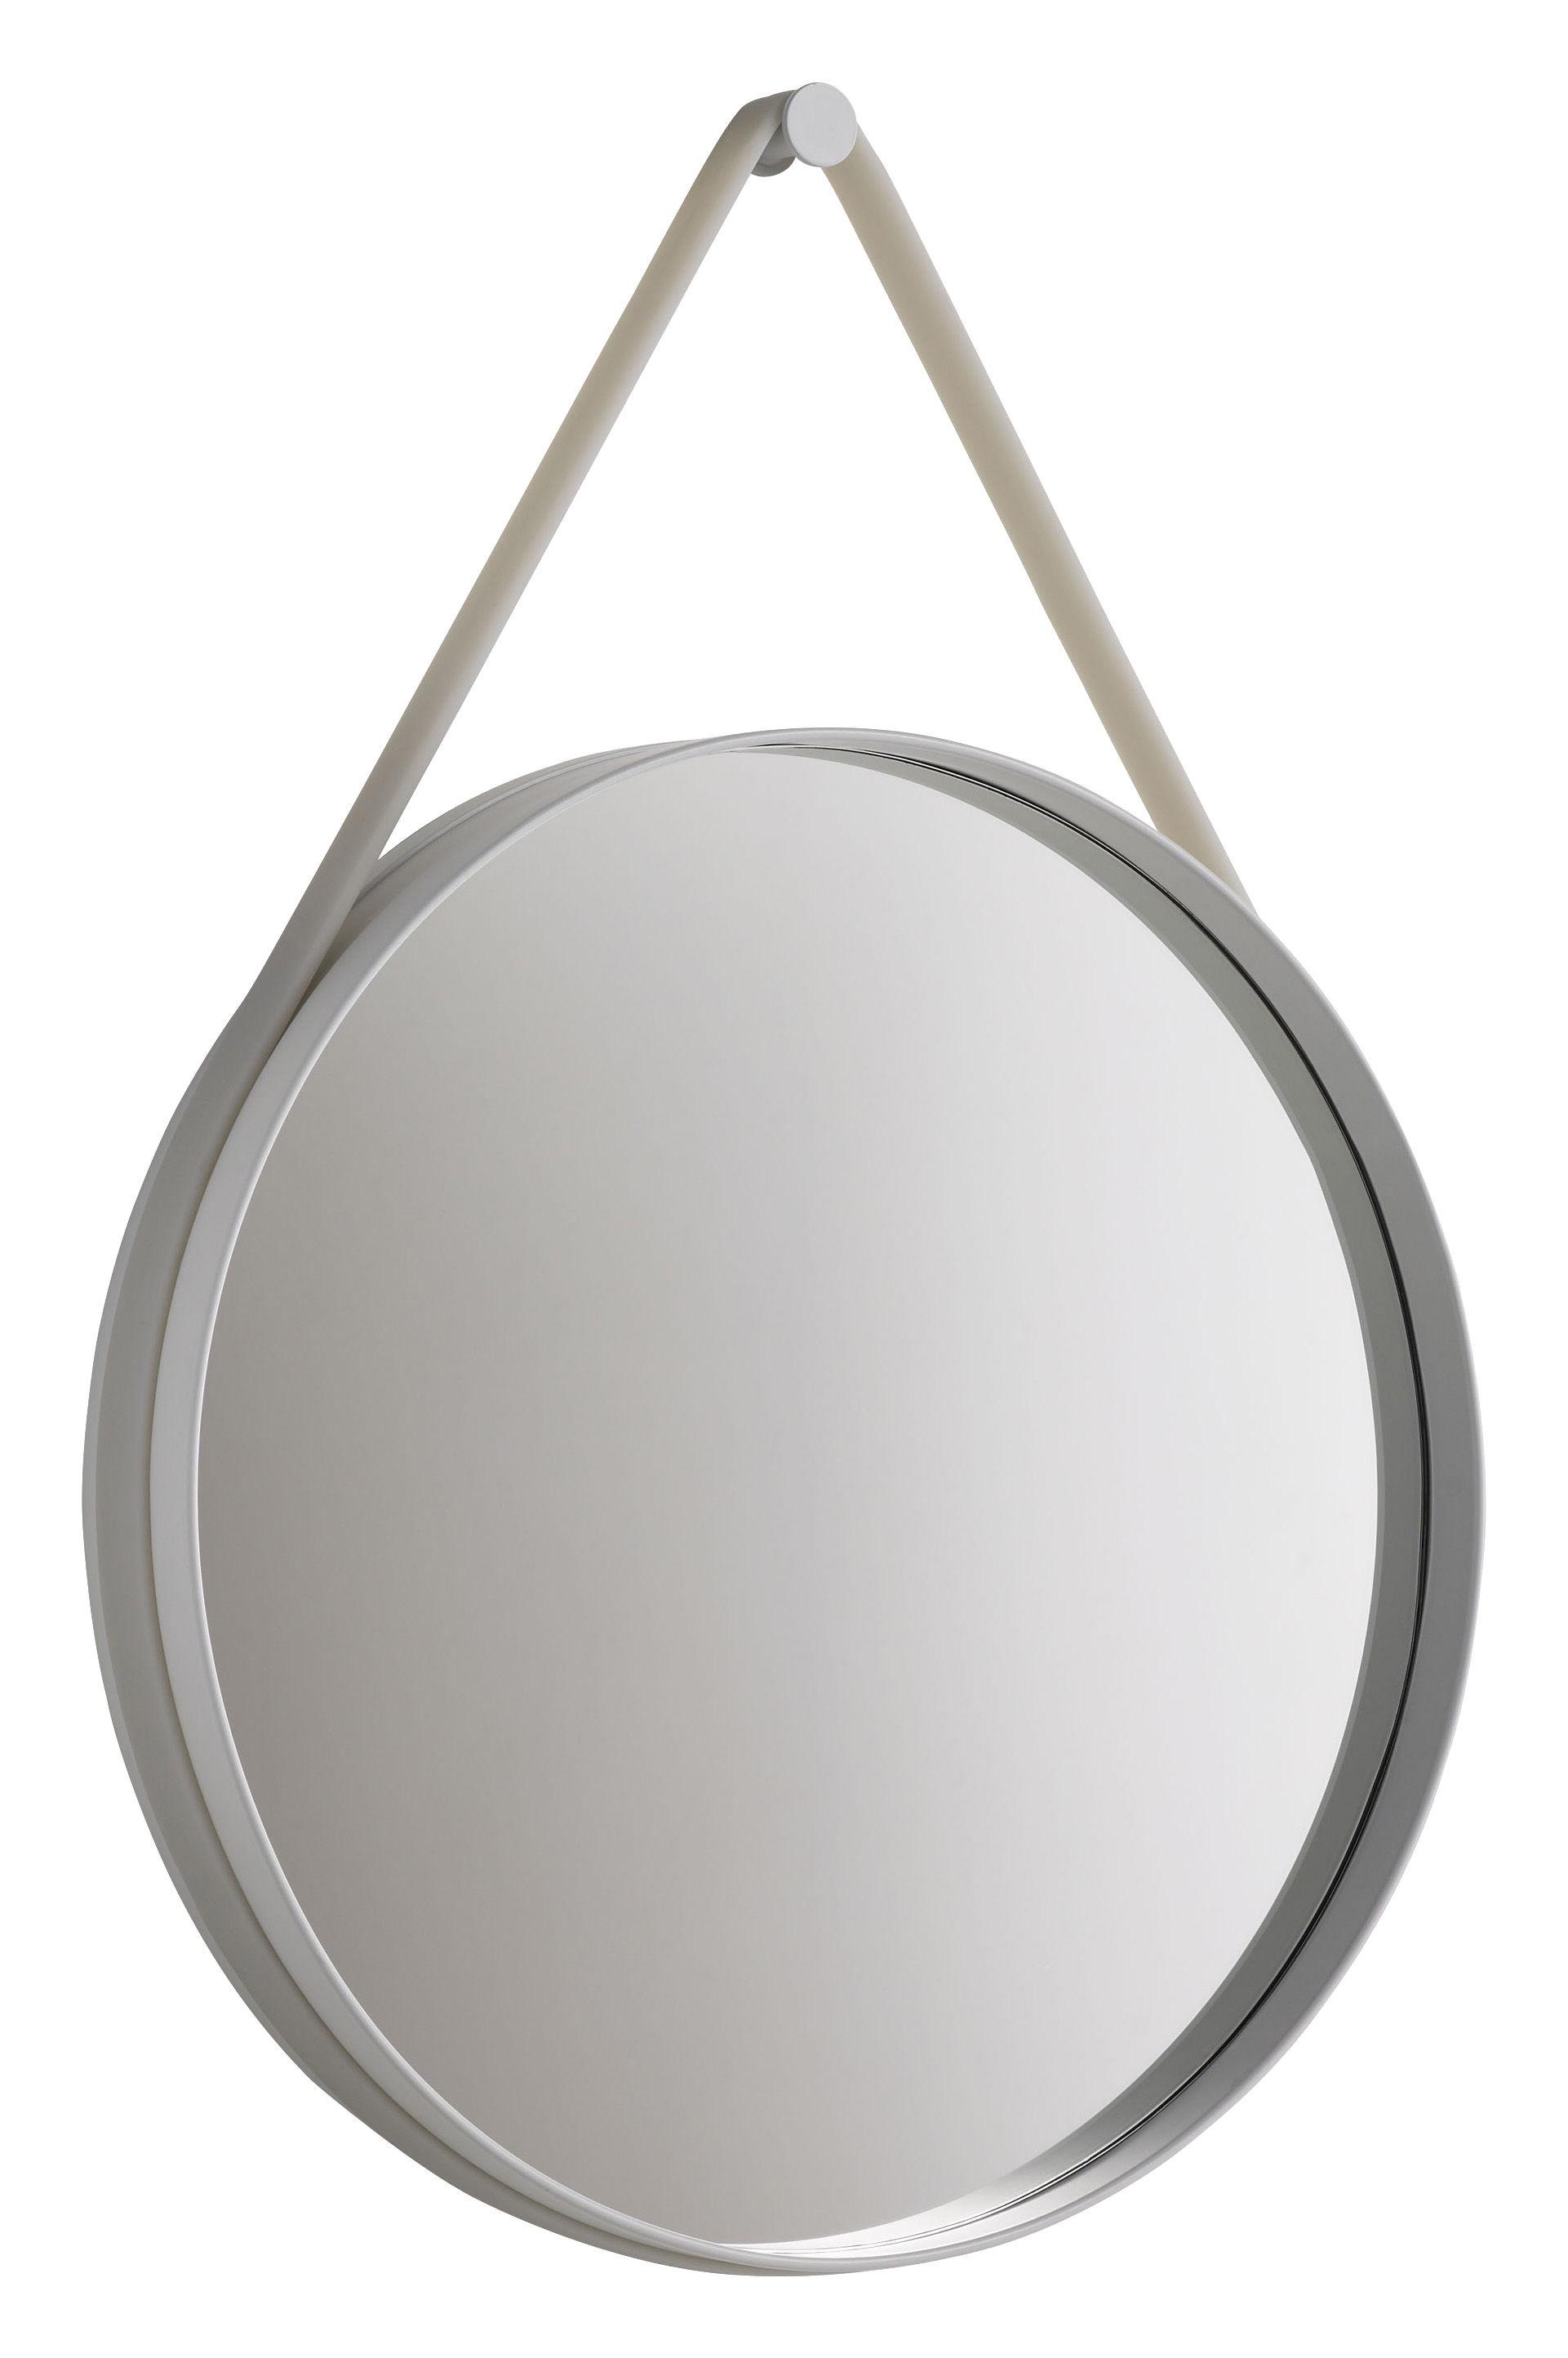 Mobilier - Miroirs - Miroir mural Strap / Ø 70 cm - Hay - Gris clair - Acier laqué, Silicone